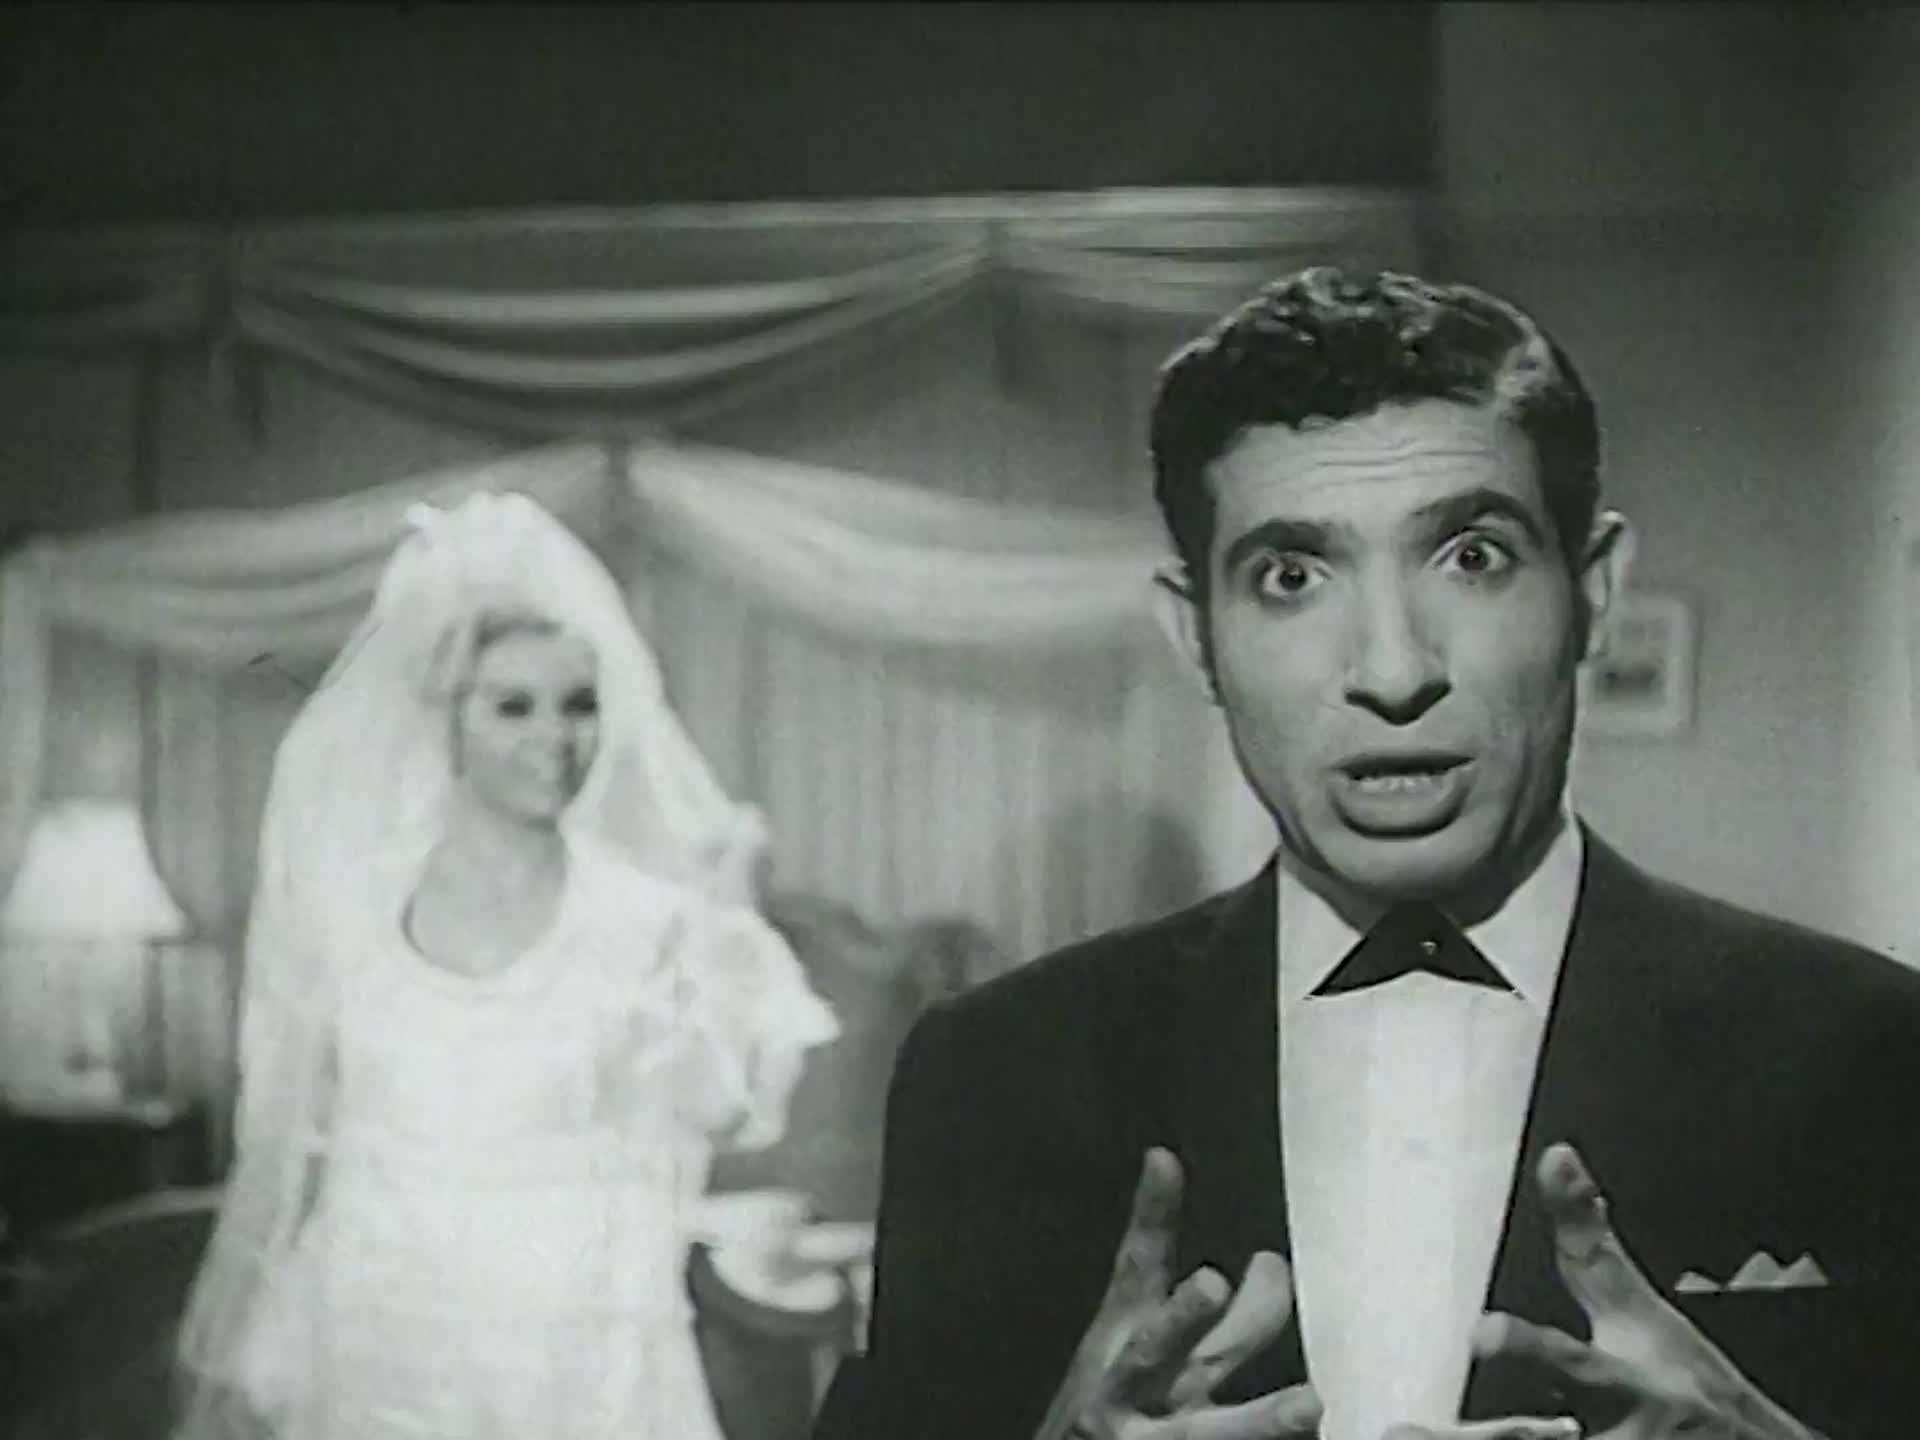 [فيلم][تورنت][تحميل][حواء والقرد][1968][1080p][Web-DL] 3 arabp2p.com